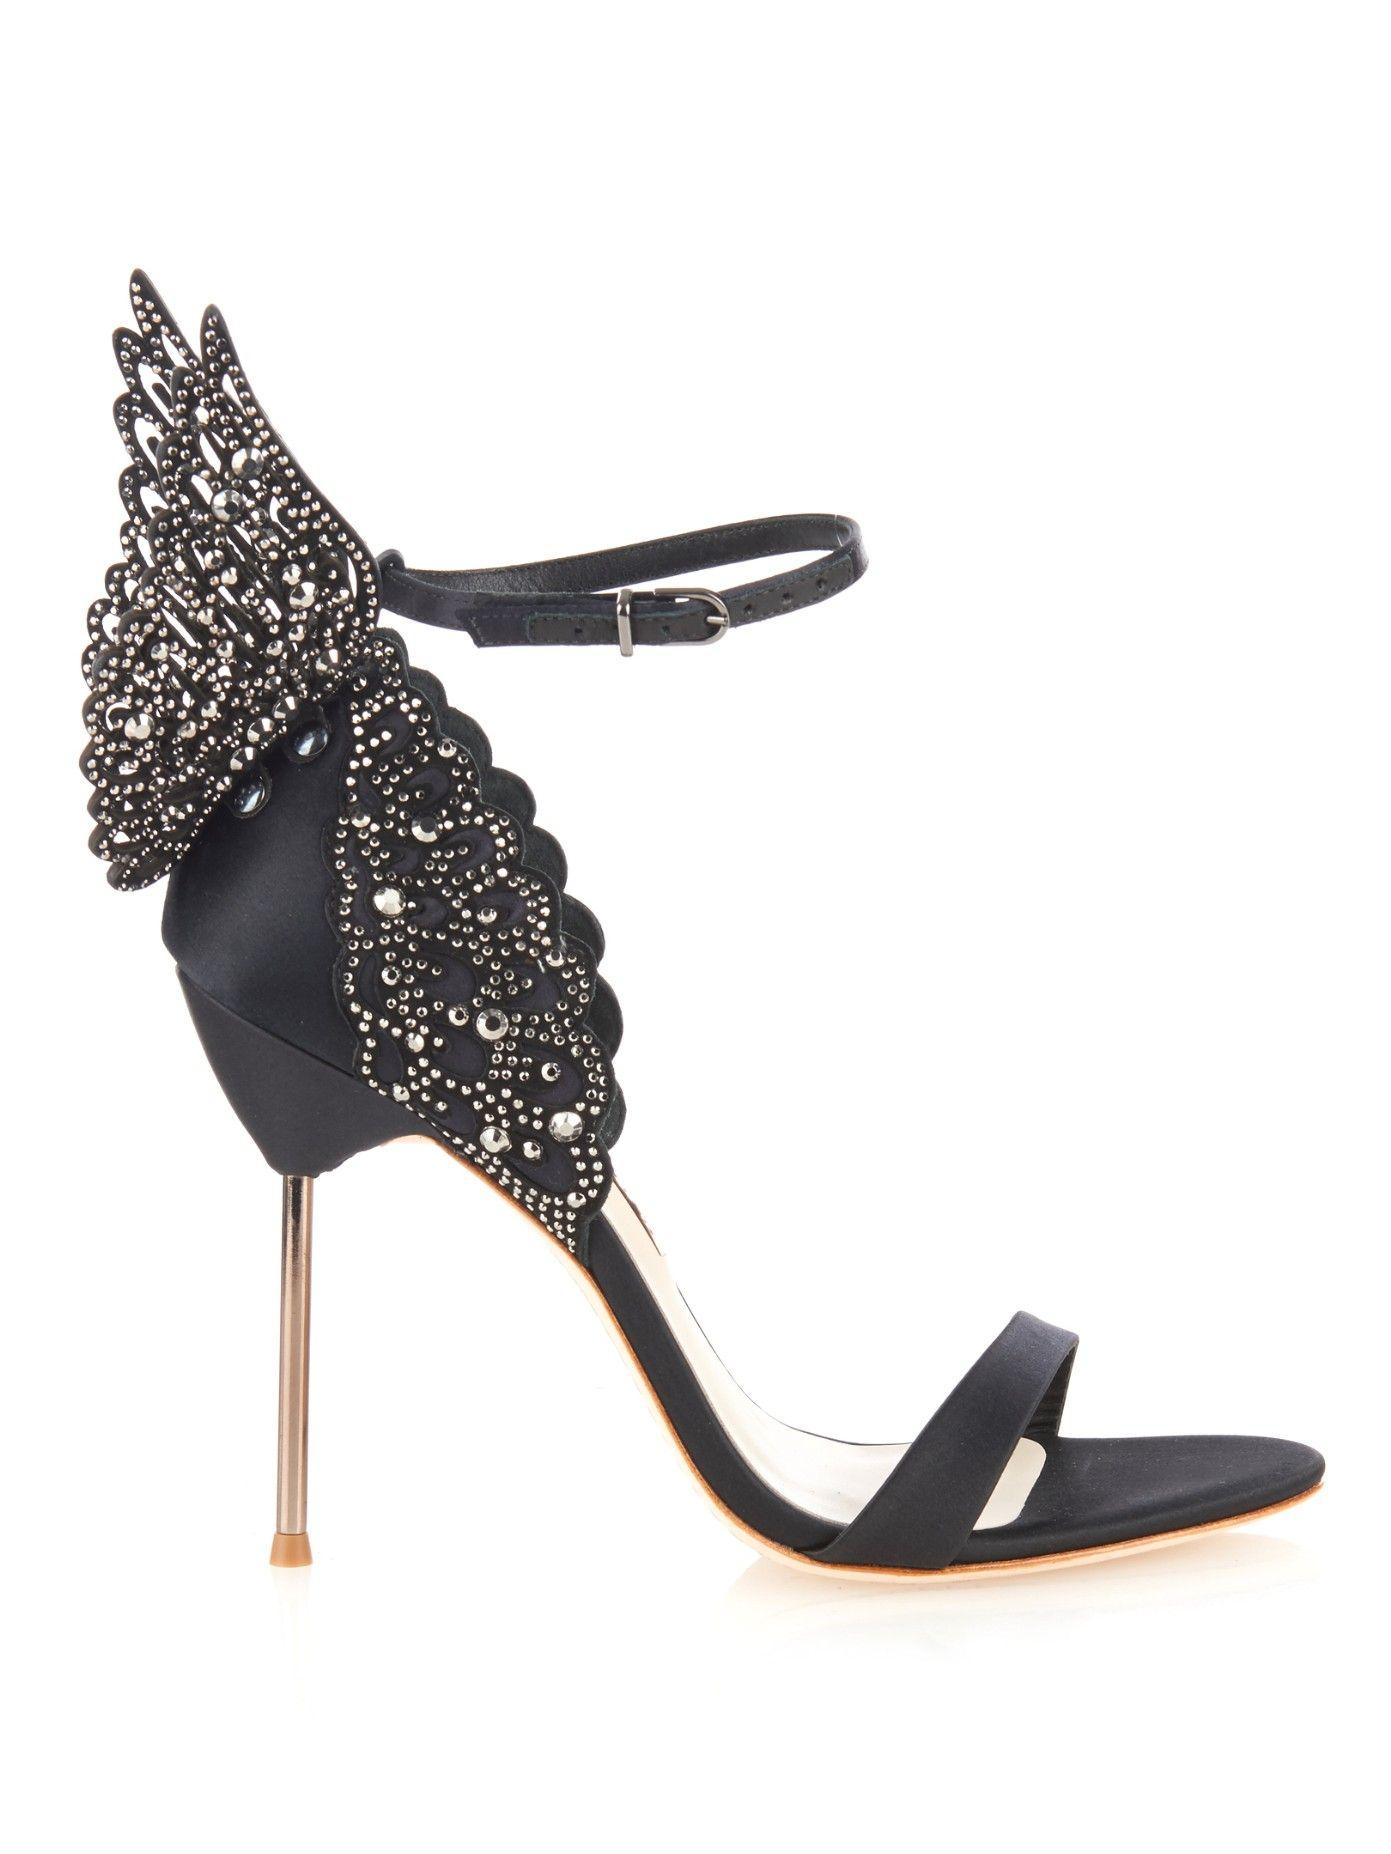 SOPHIA WEBSTER Evangeline angelwing satin sandals